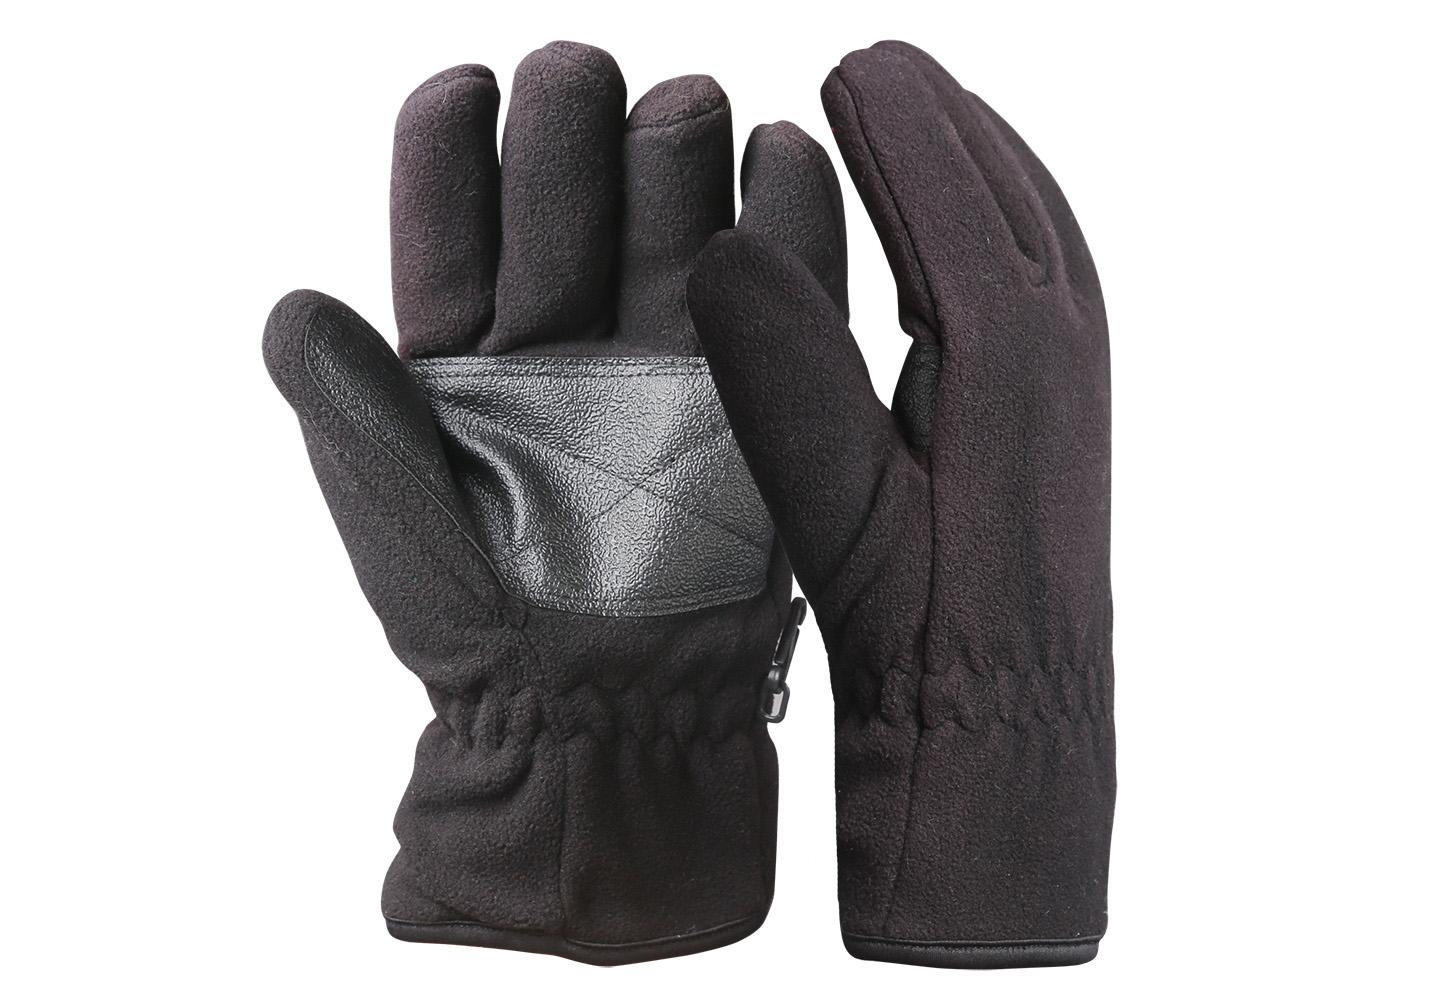 Full Finger Fleece Safety Work Gloves/WKR-001-B